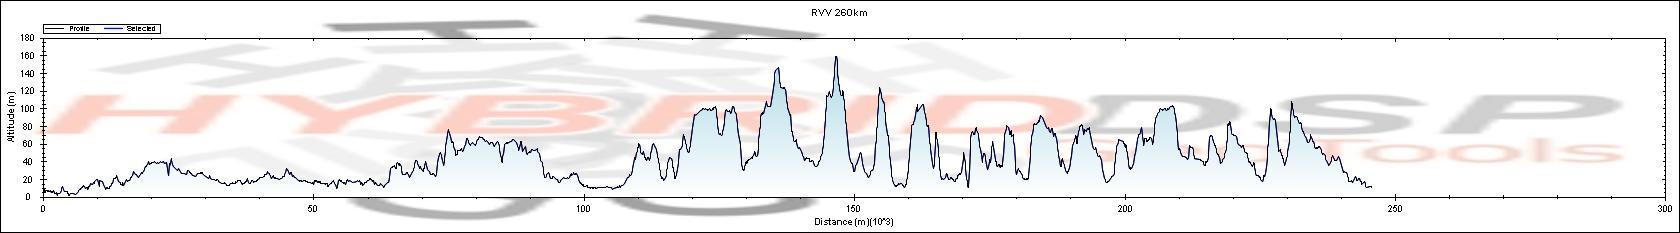 profil du Ronde van Vlaanderen 2011